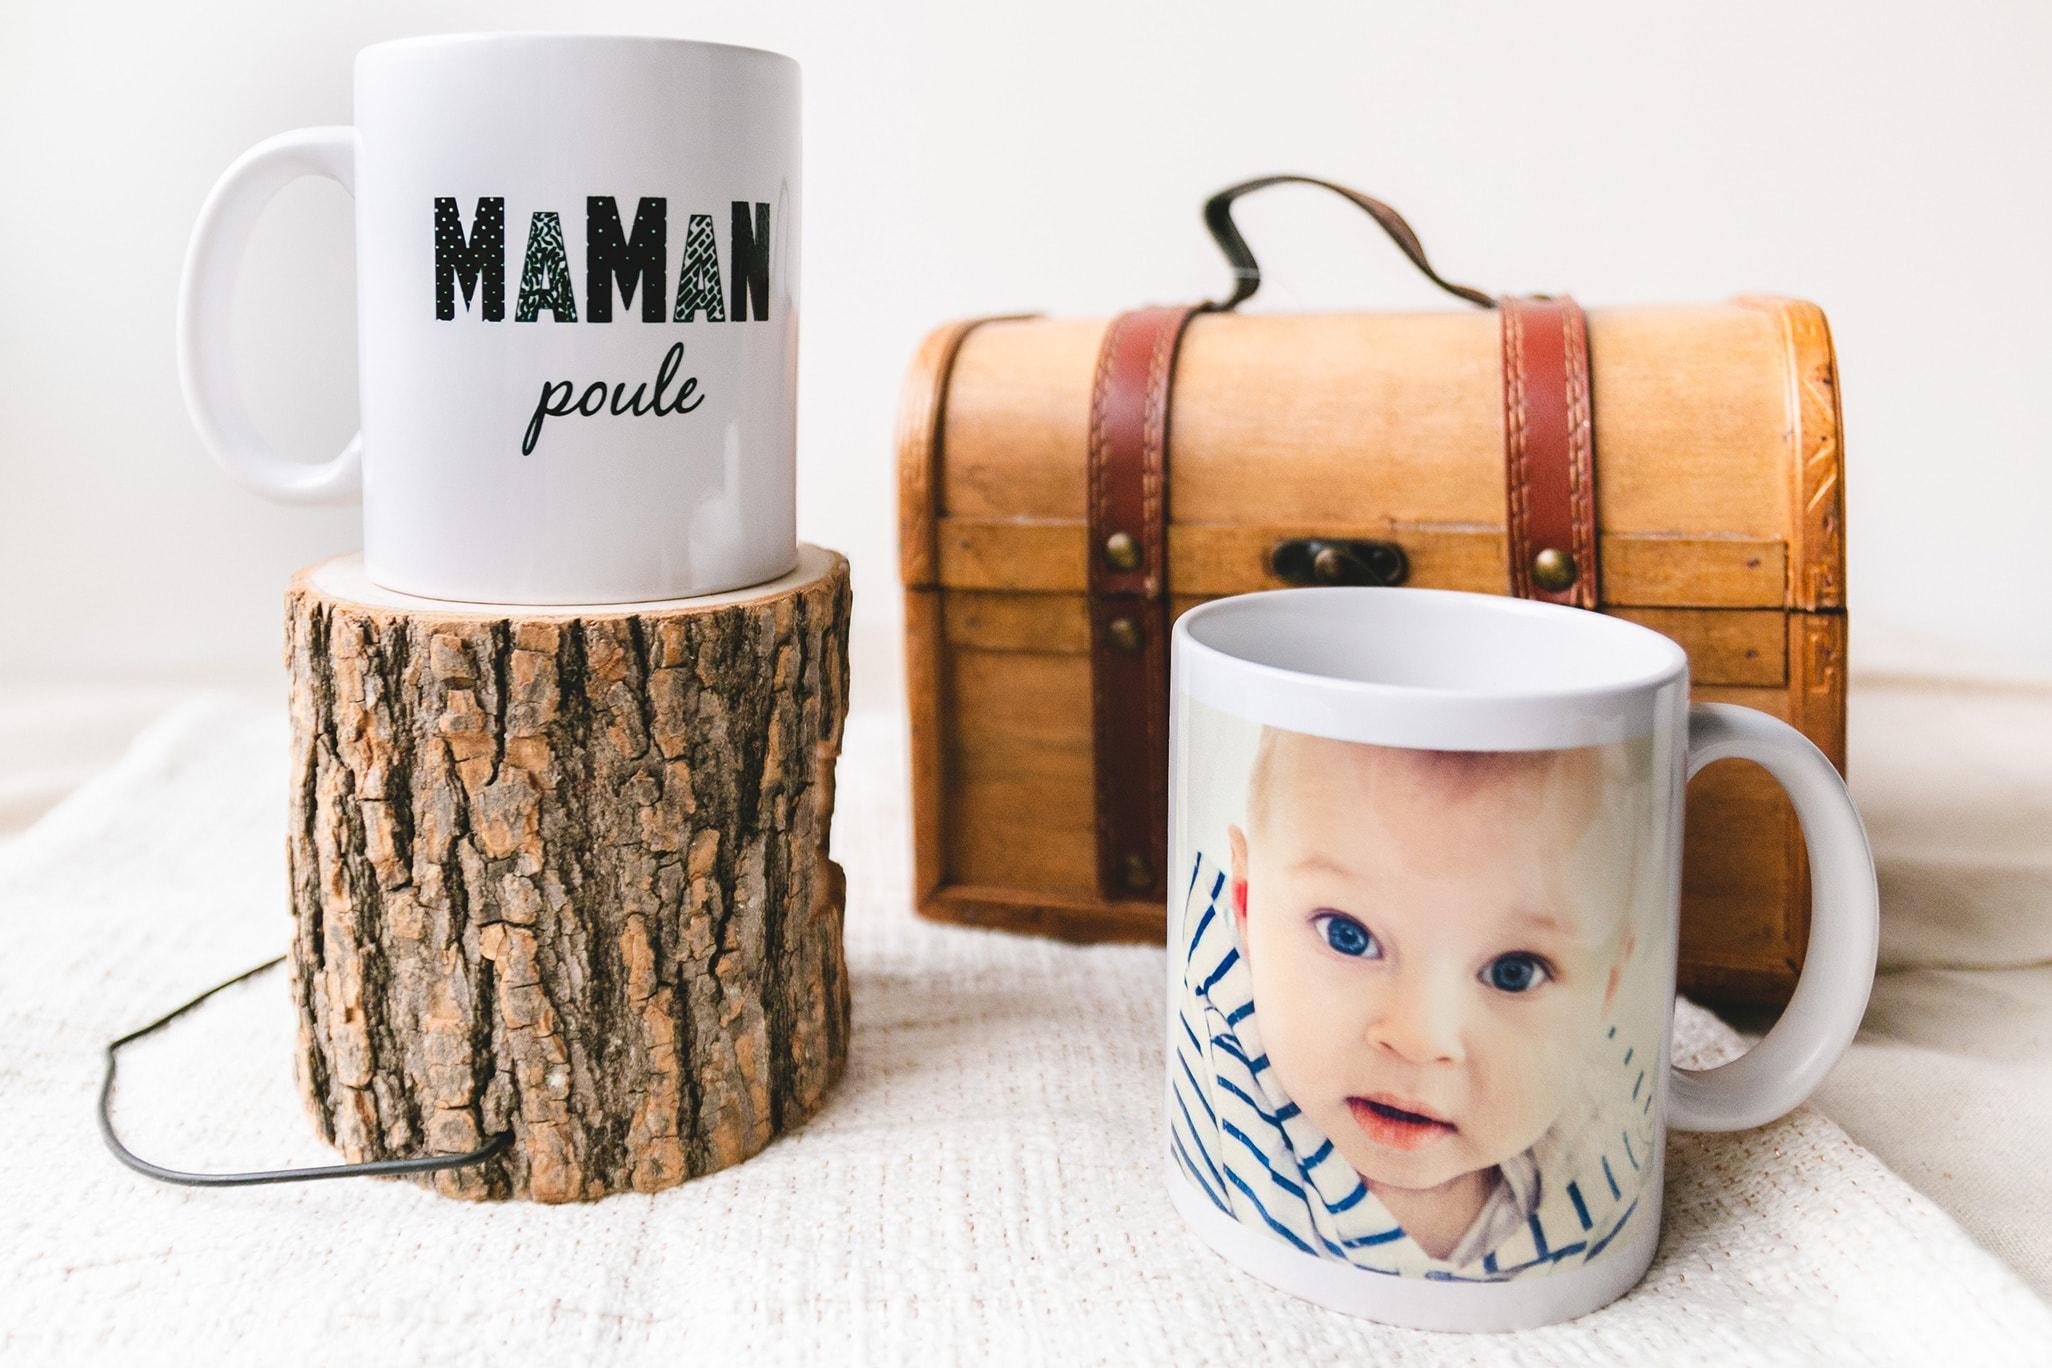 Maman poule - B.Boukagne / Photoweb